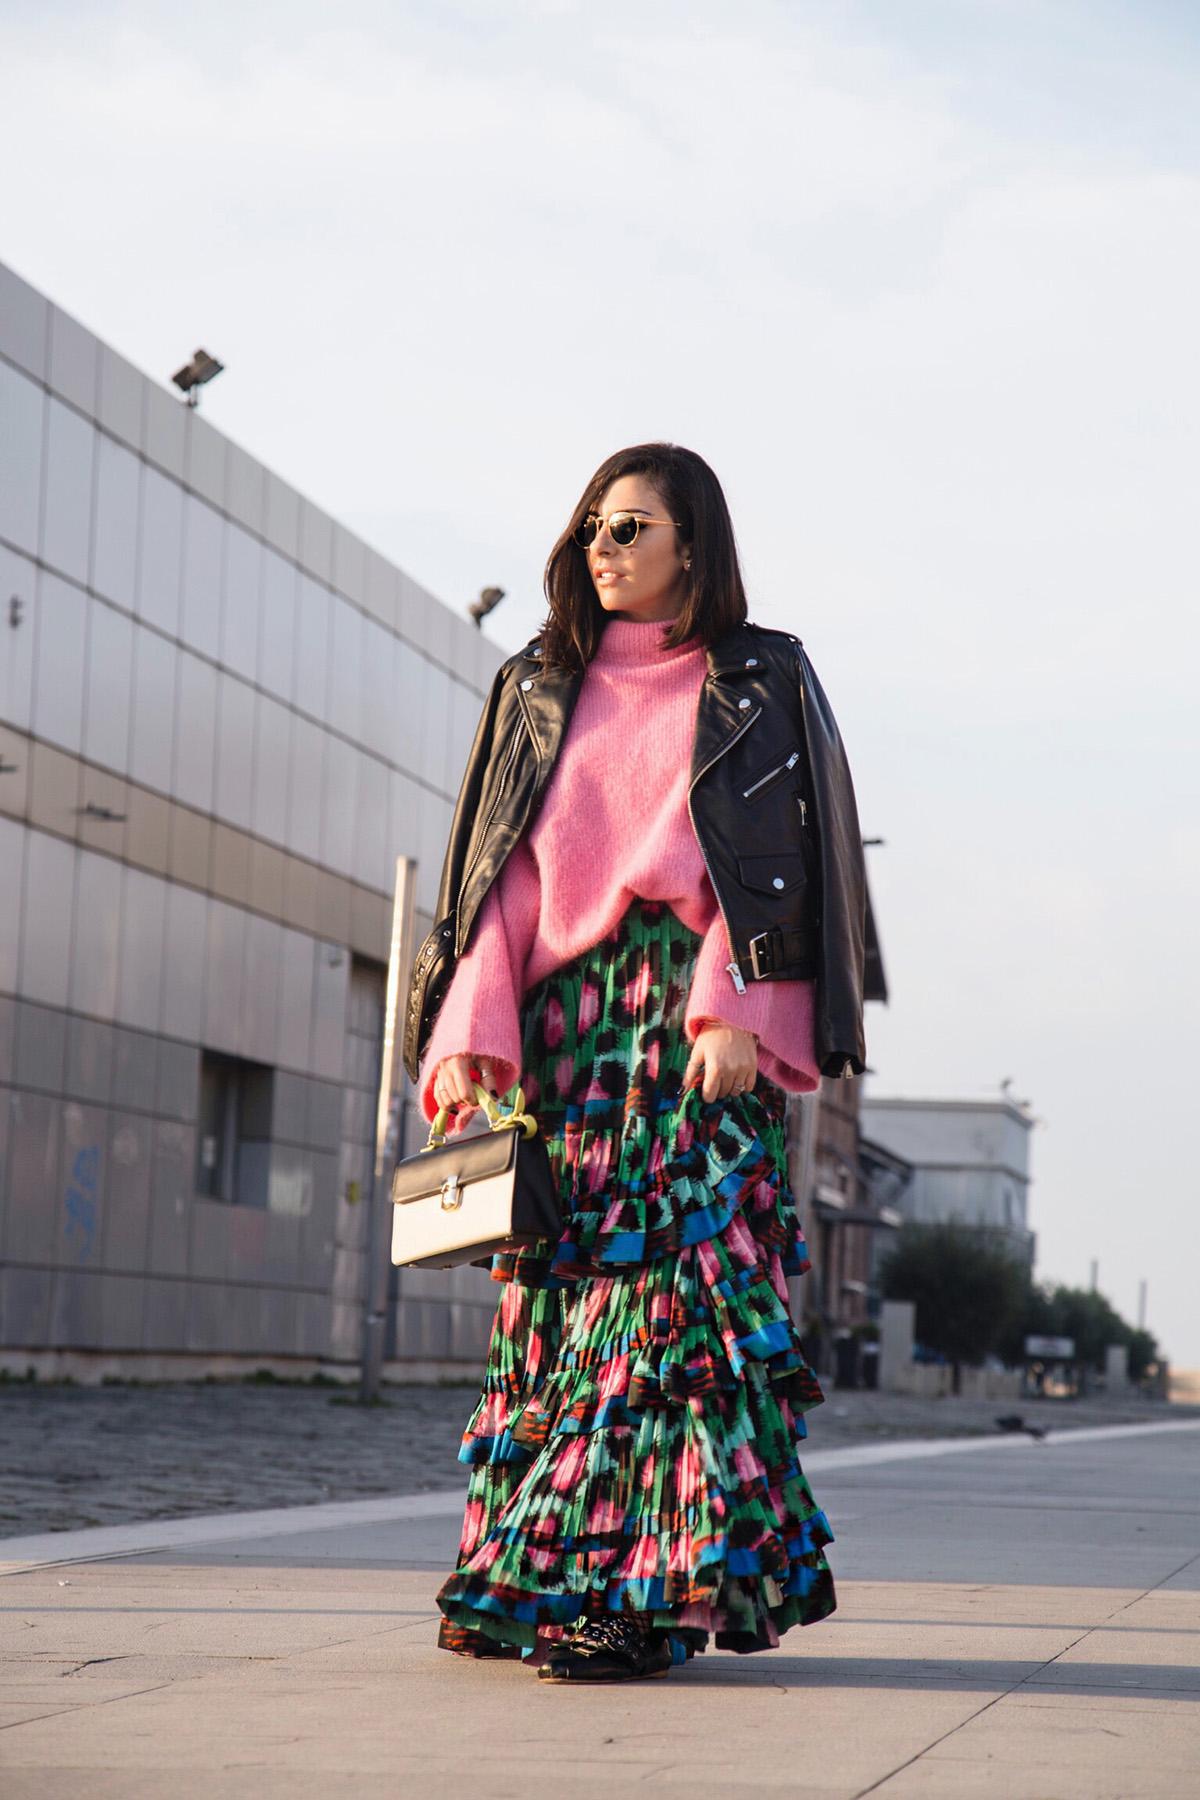 h&m x kenzo skirt